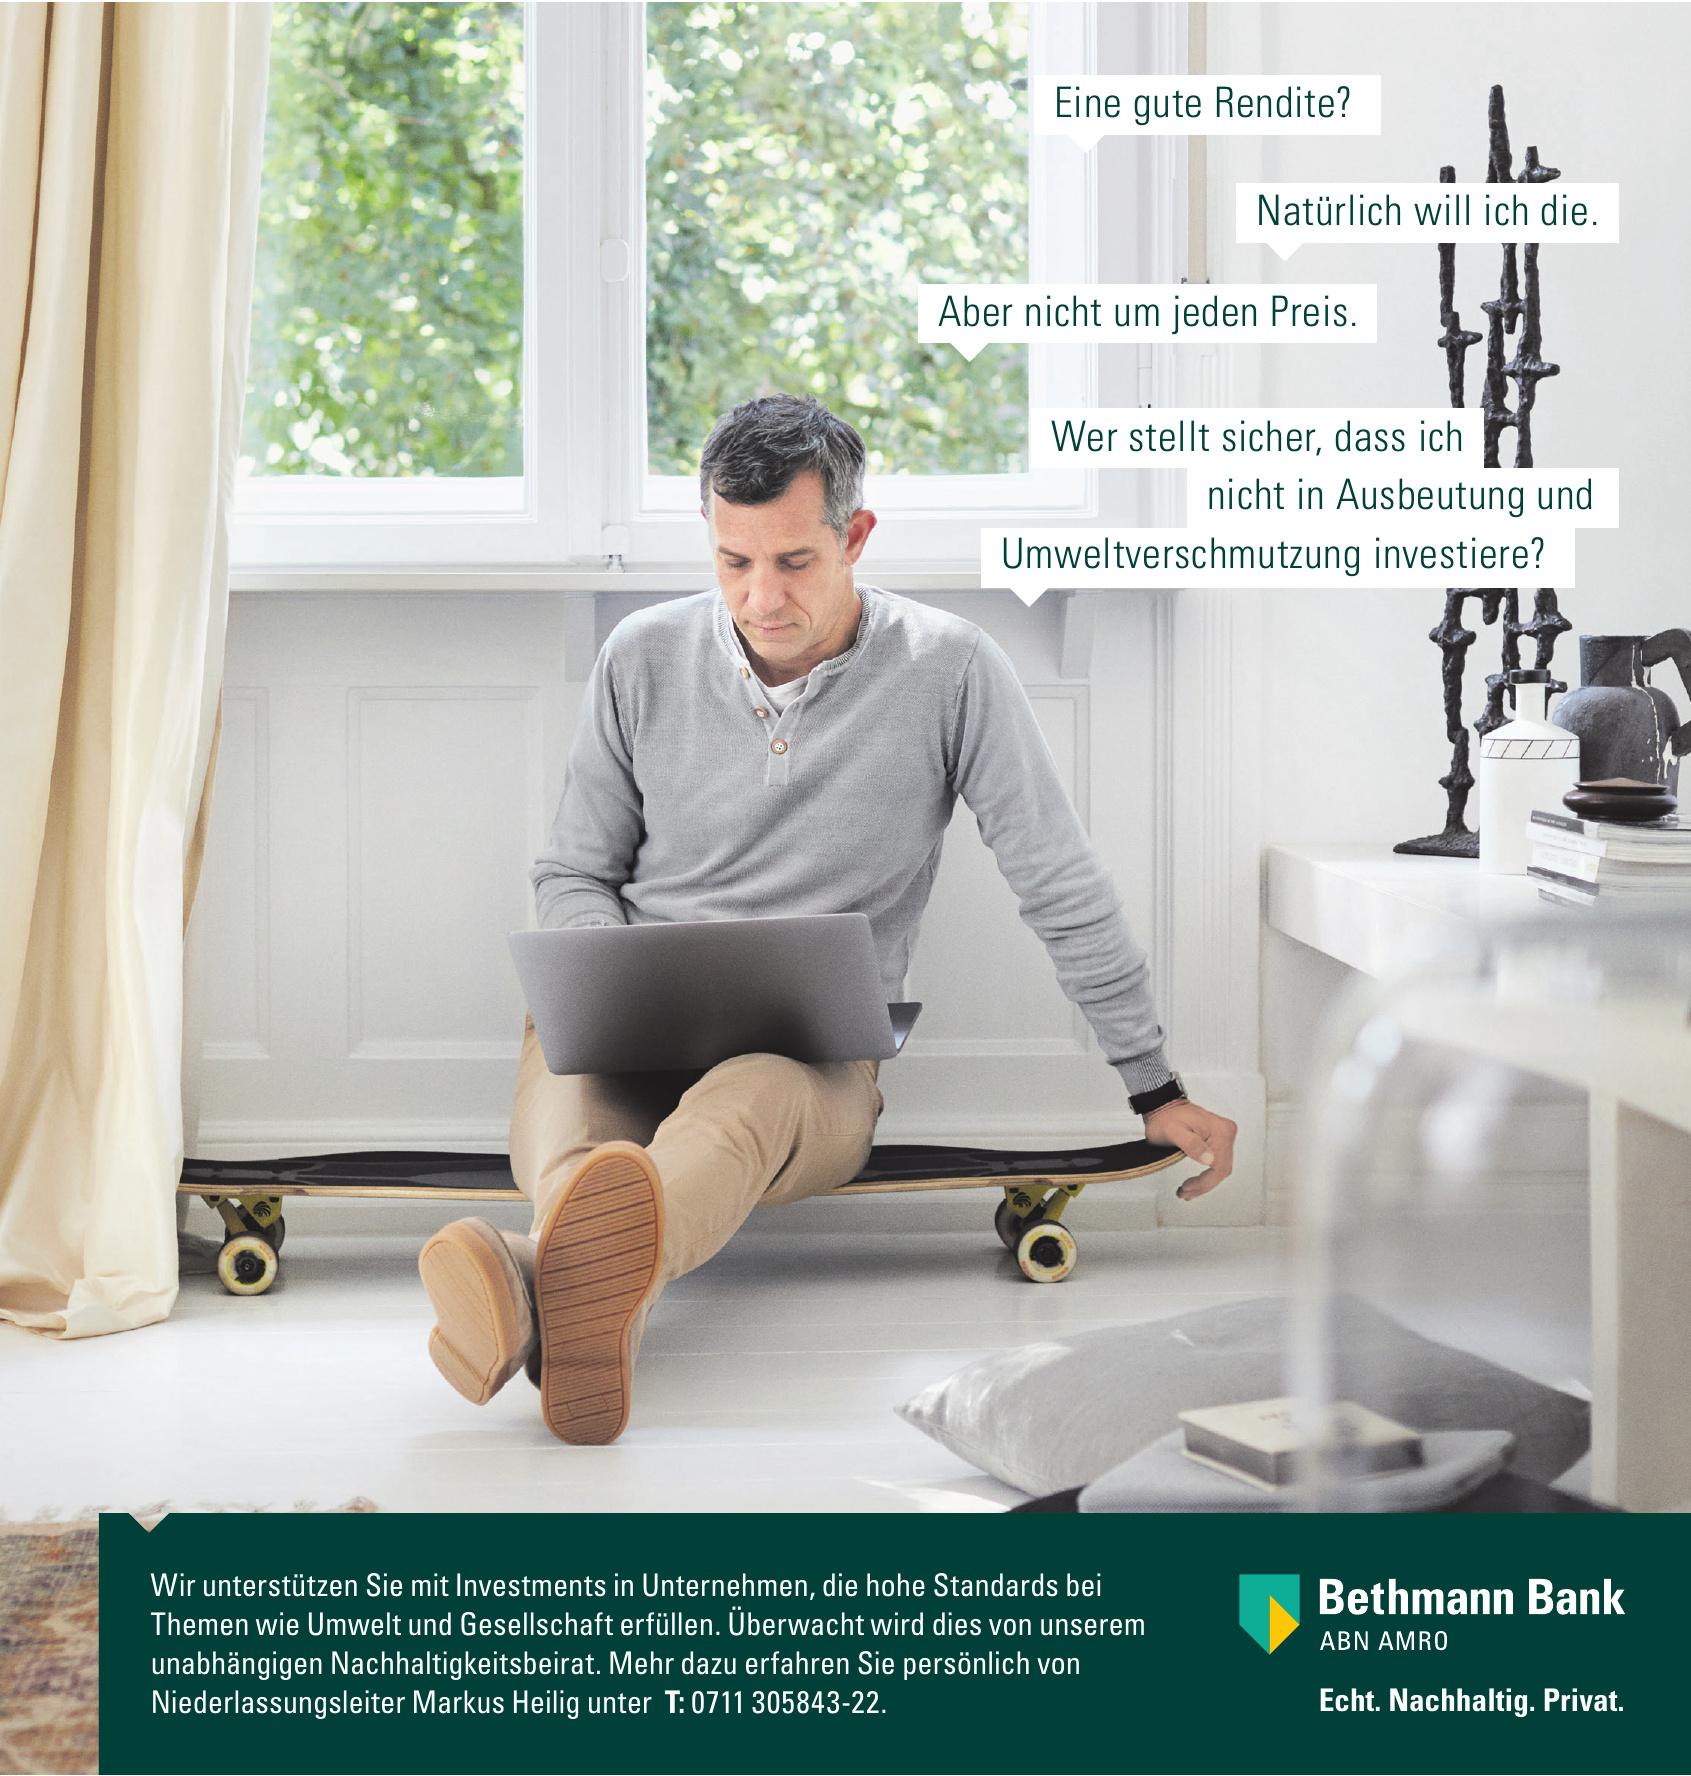 Bethmann Bank